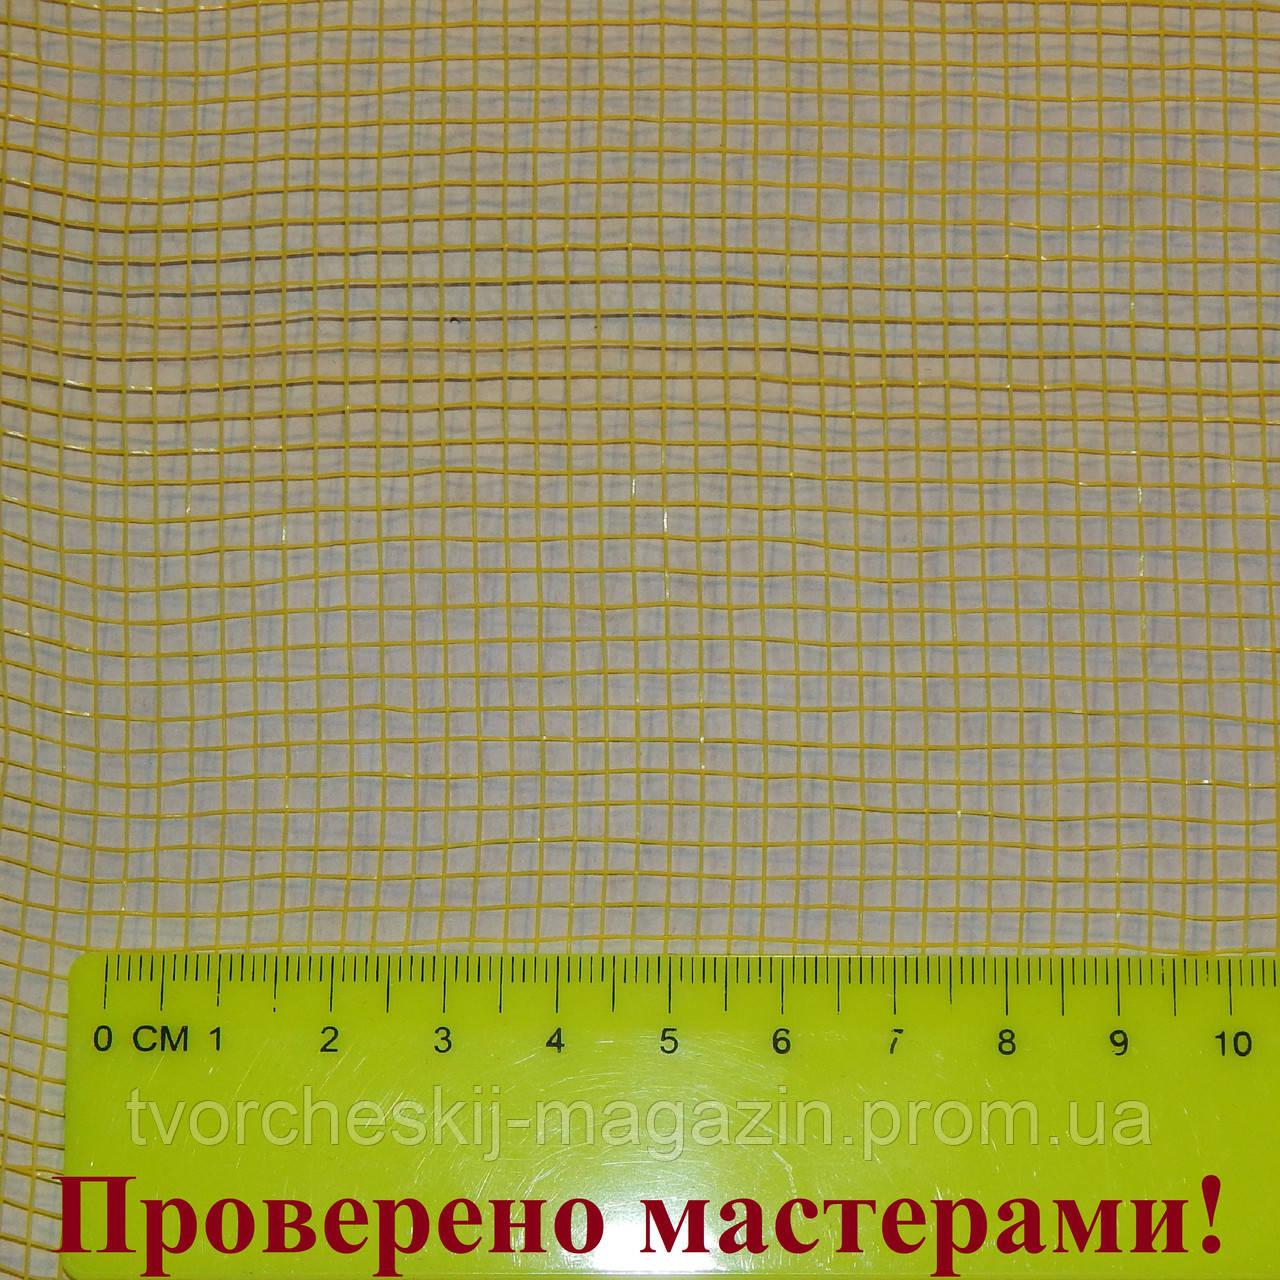 Сетка флористическая стандарт 50 см желтая пог. м.